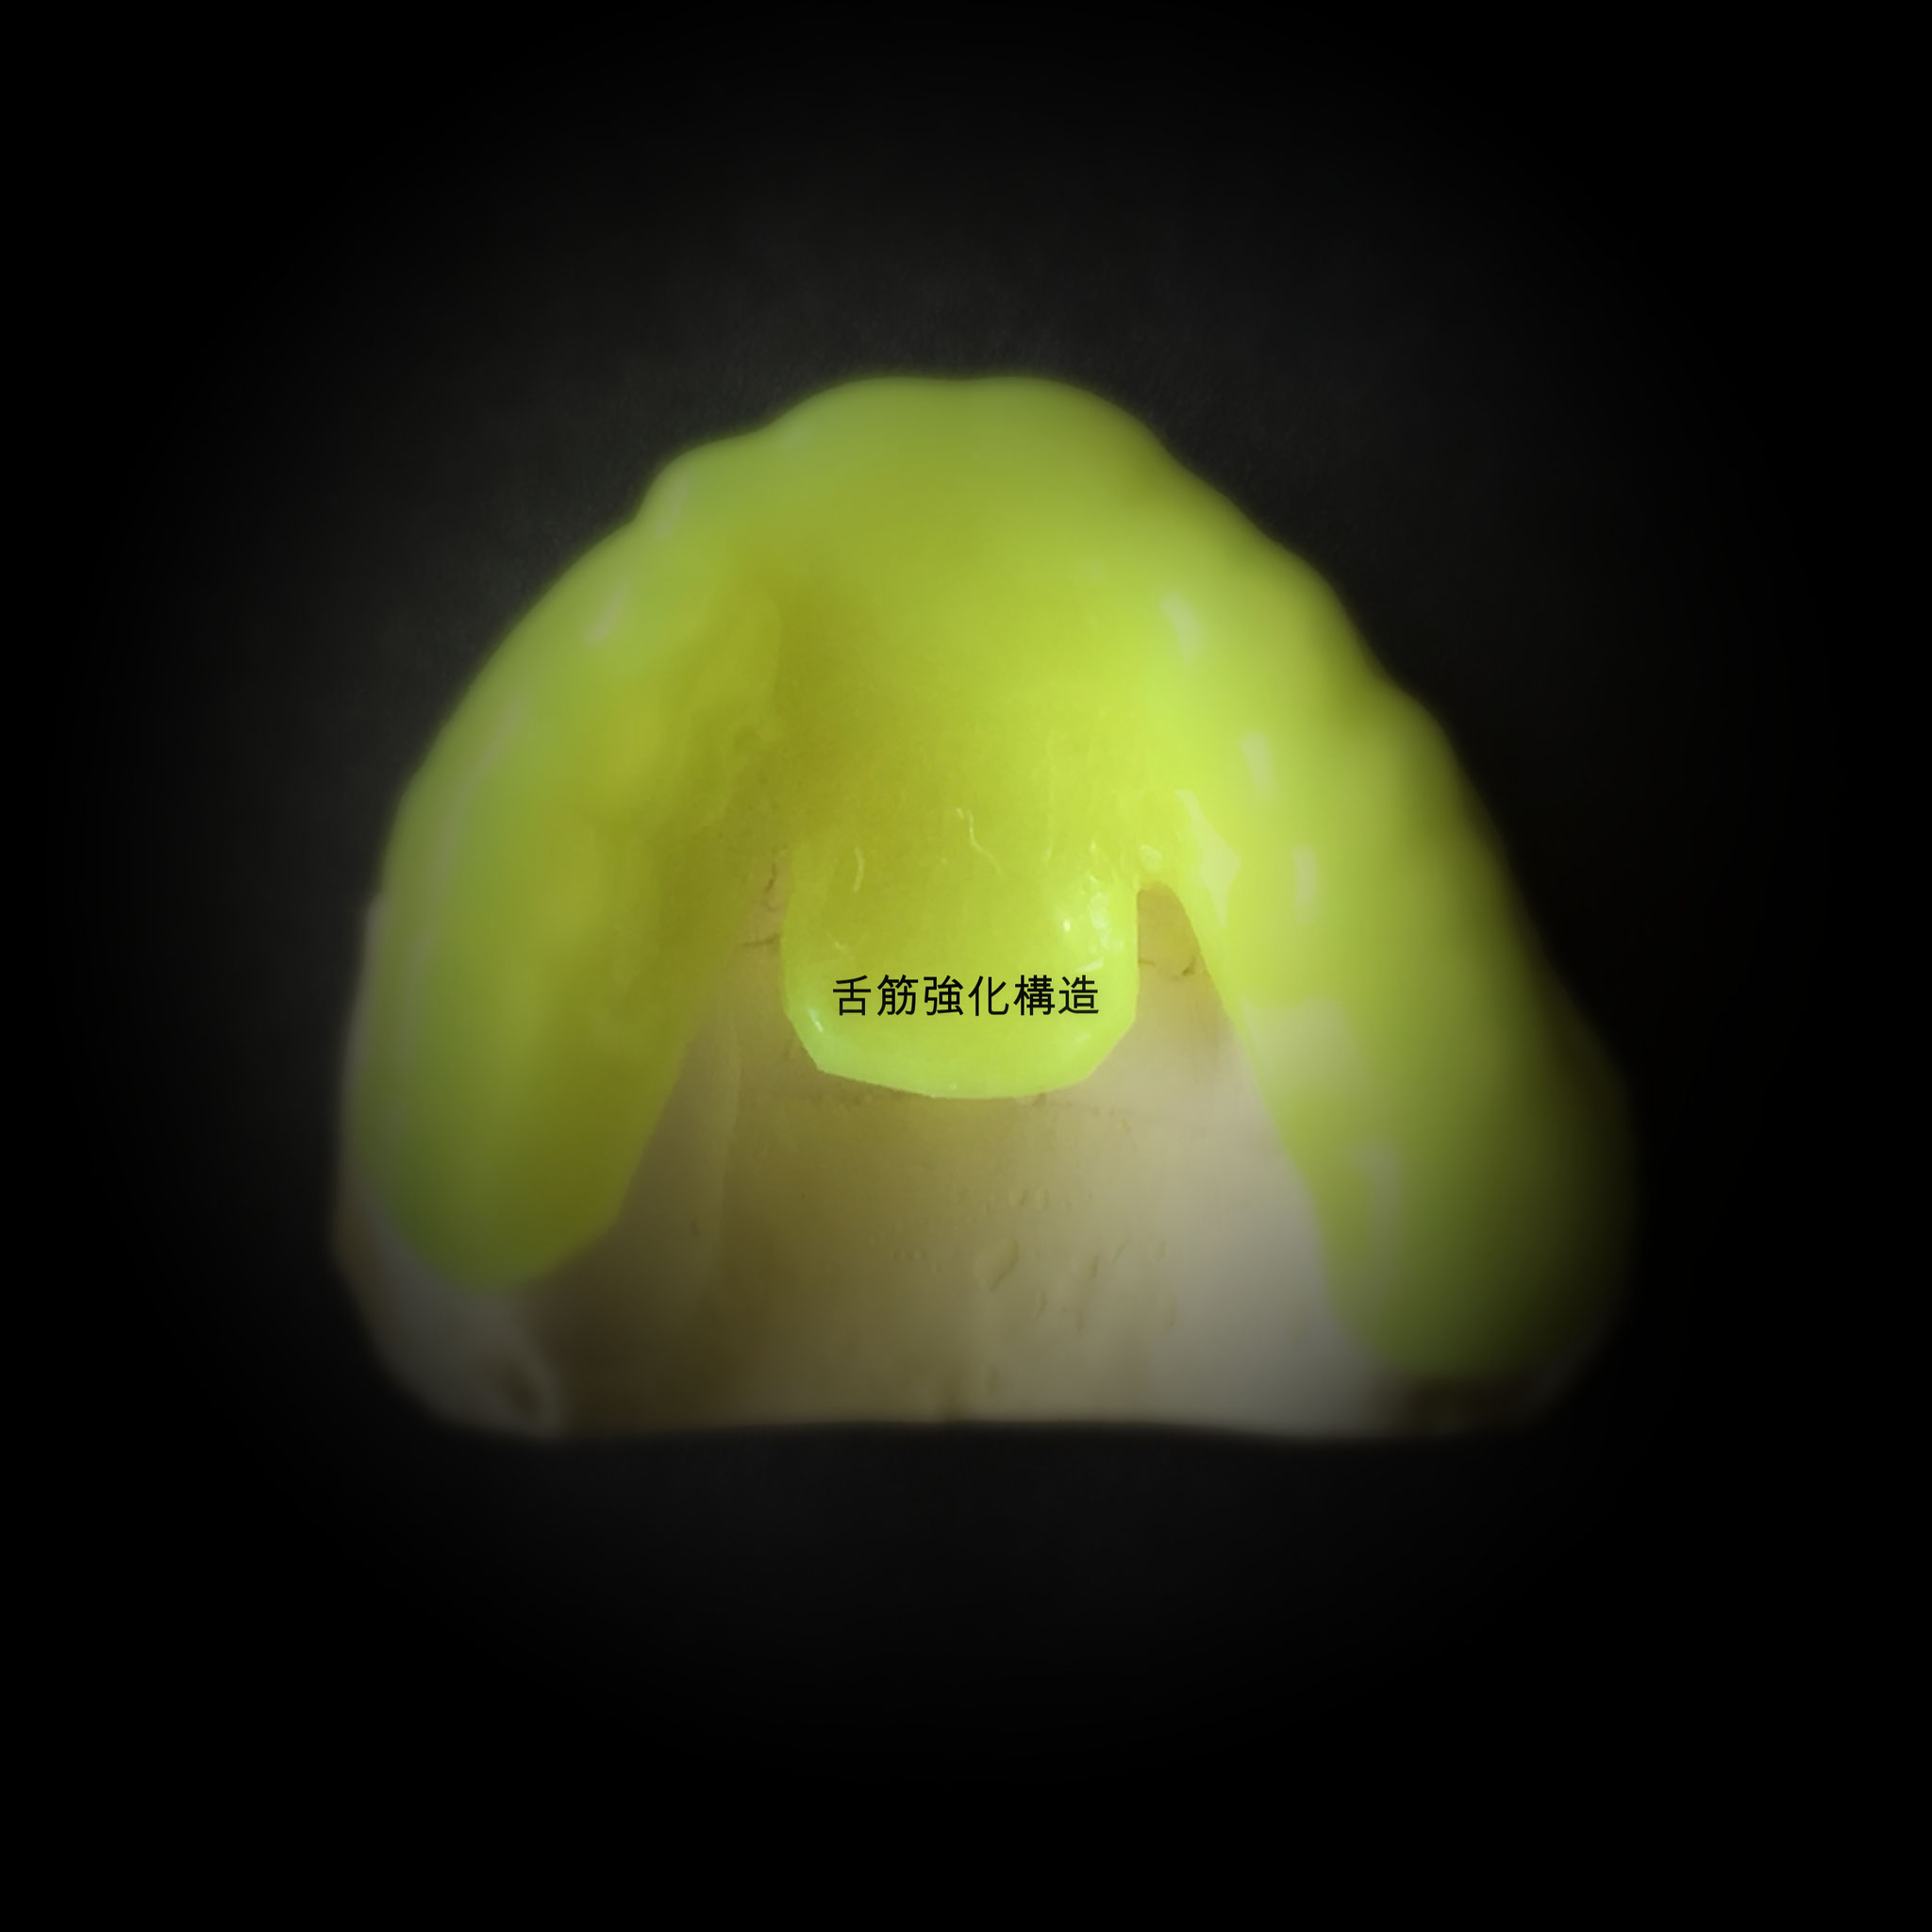 舌筋強化構造 特許権侵害